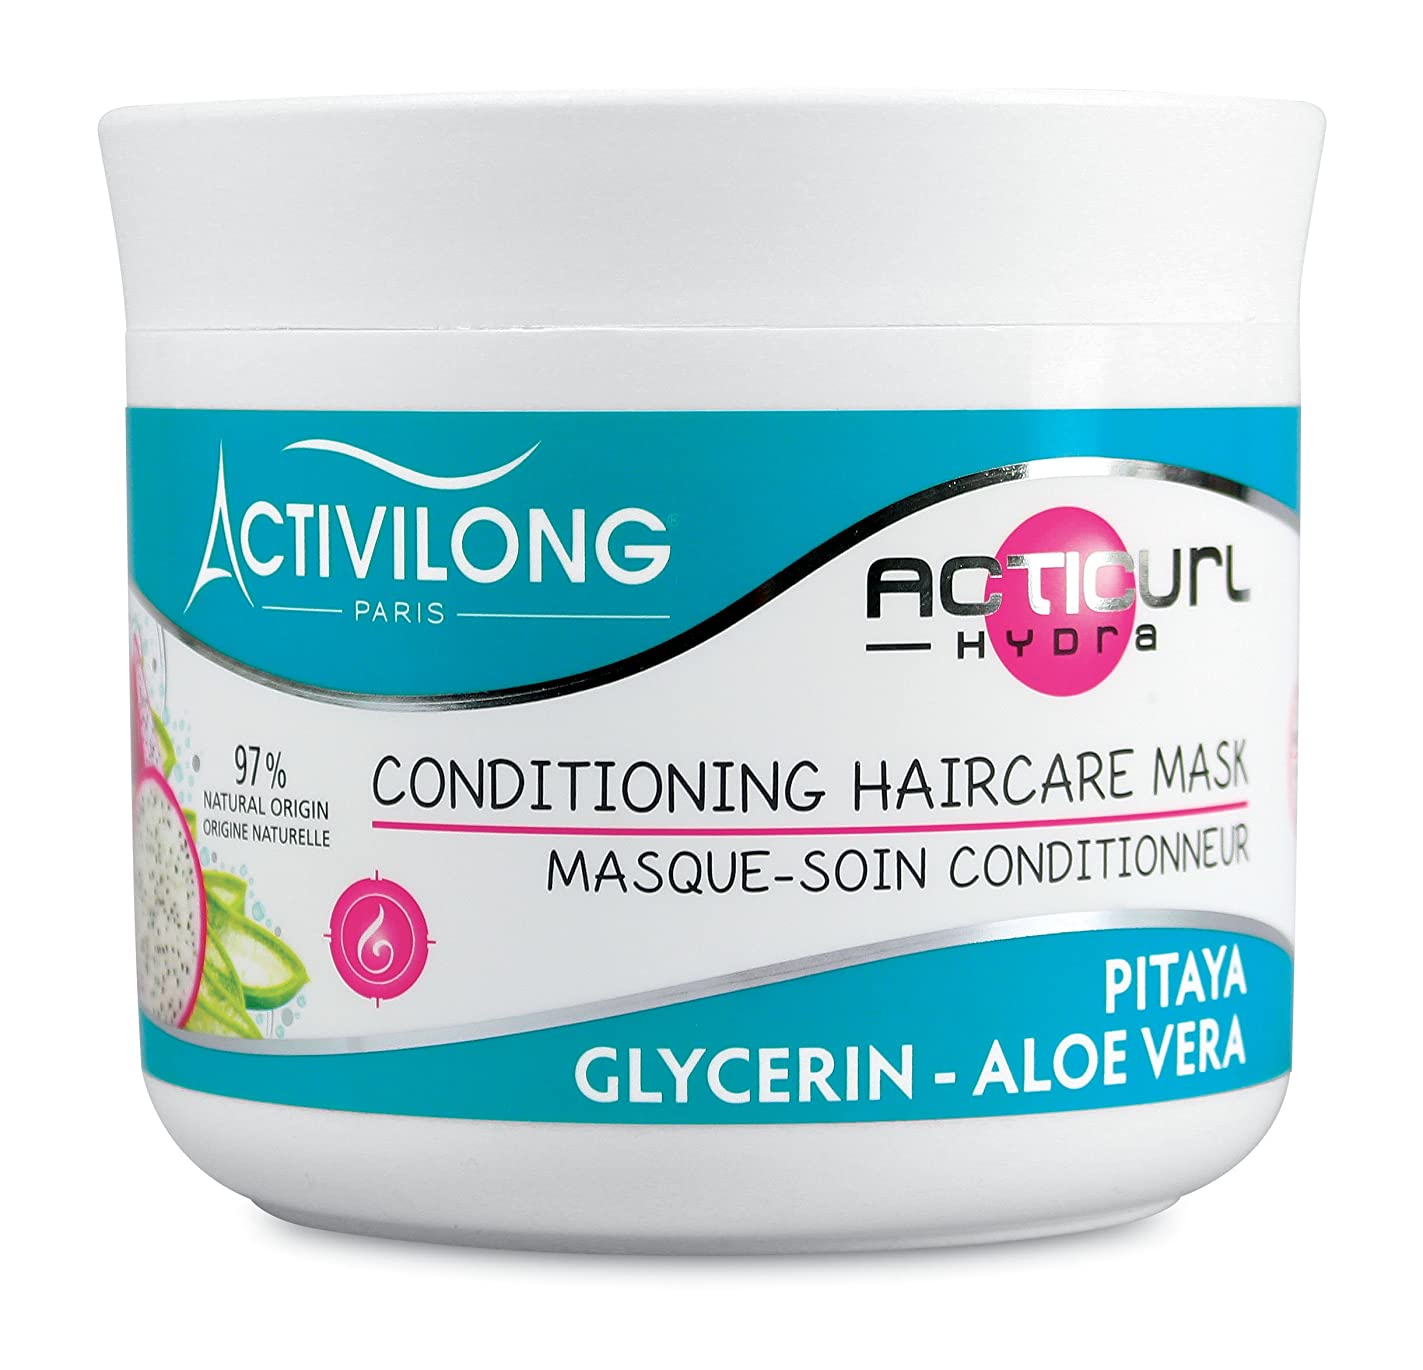 改革明らかに不要Activilong Acticurl HydraコンディショニングヘアケアマスクDragonfruit Pitayaグリセリンアロエベラ200 ml